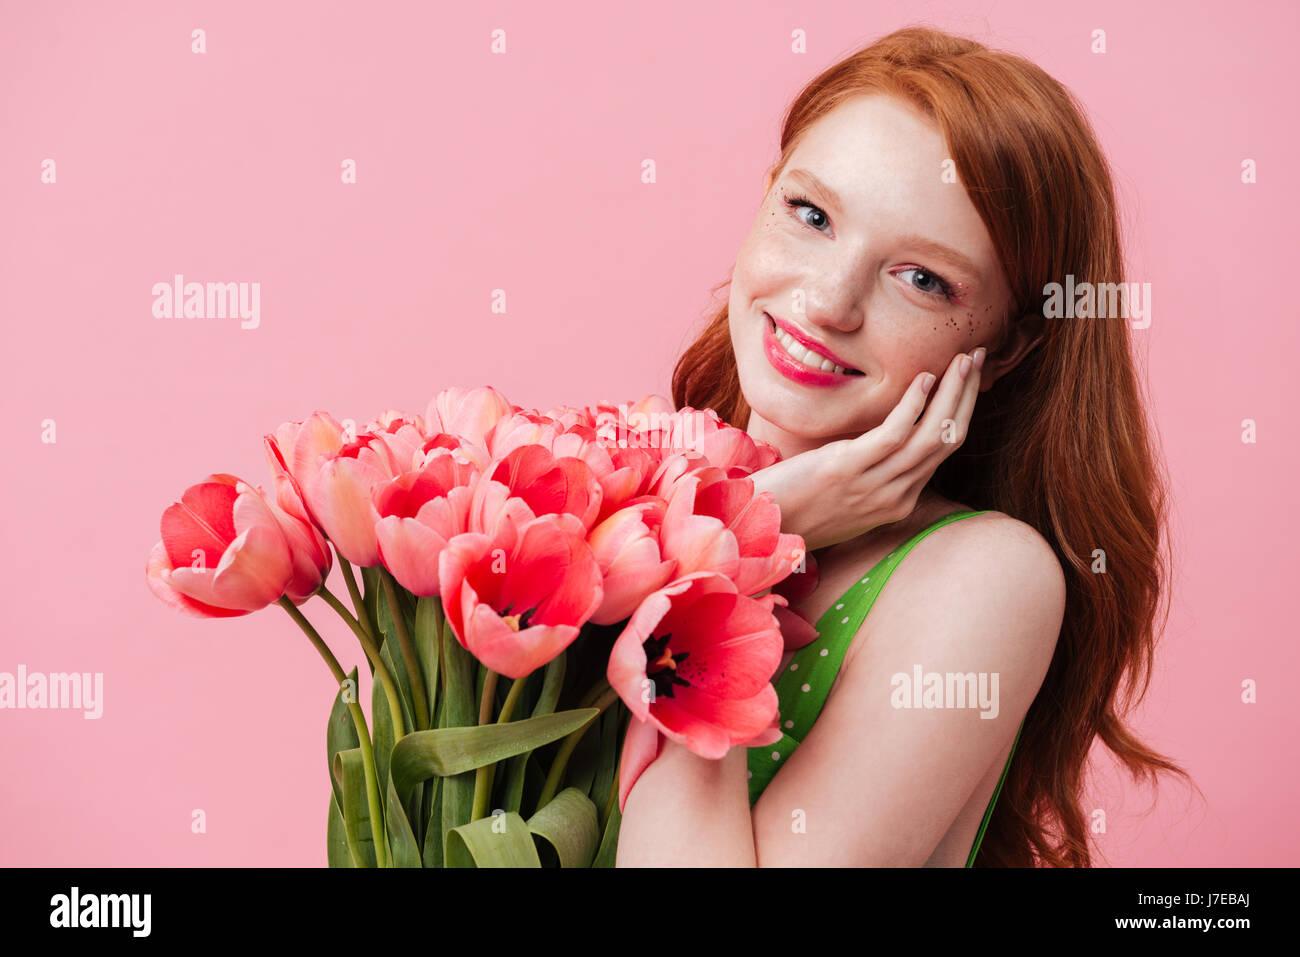 Hermosa joven mujer sonriente sosteniendo los tulipanes cerca de cara aislado Imagen De Stock